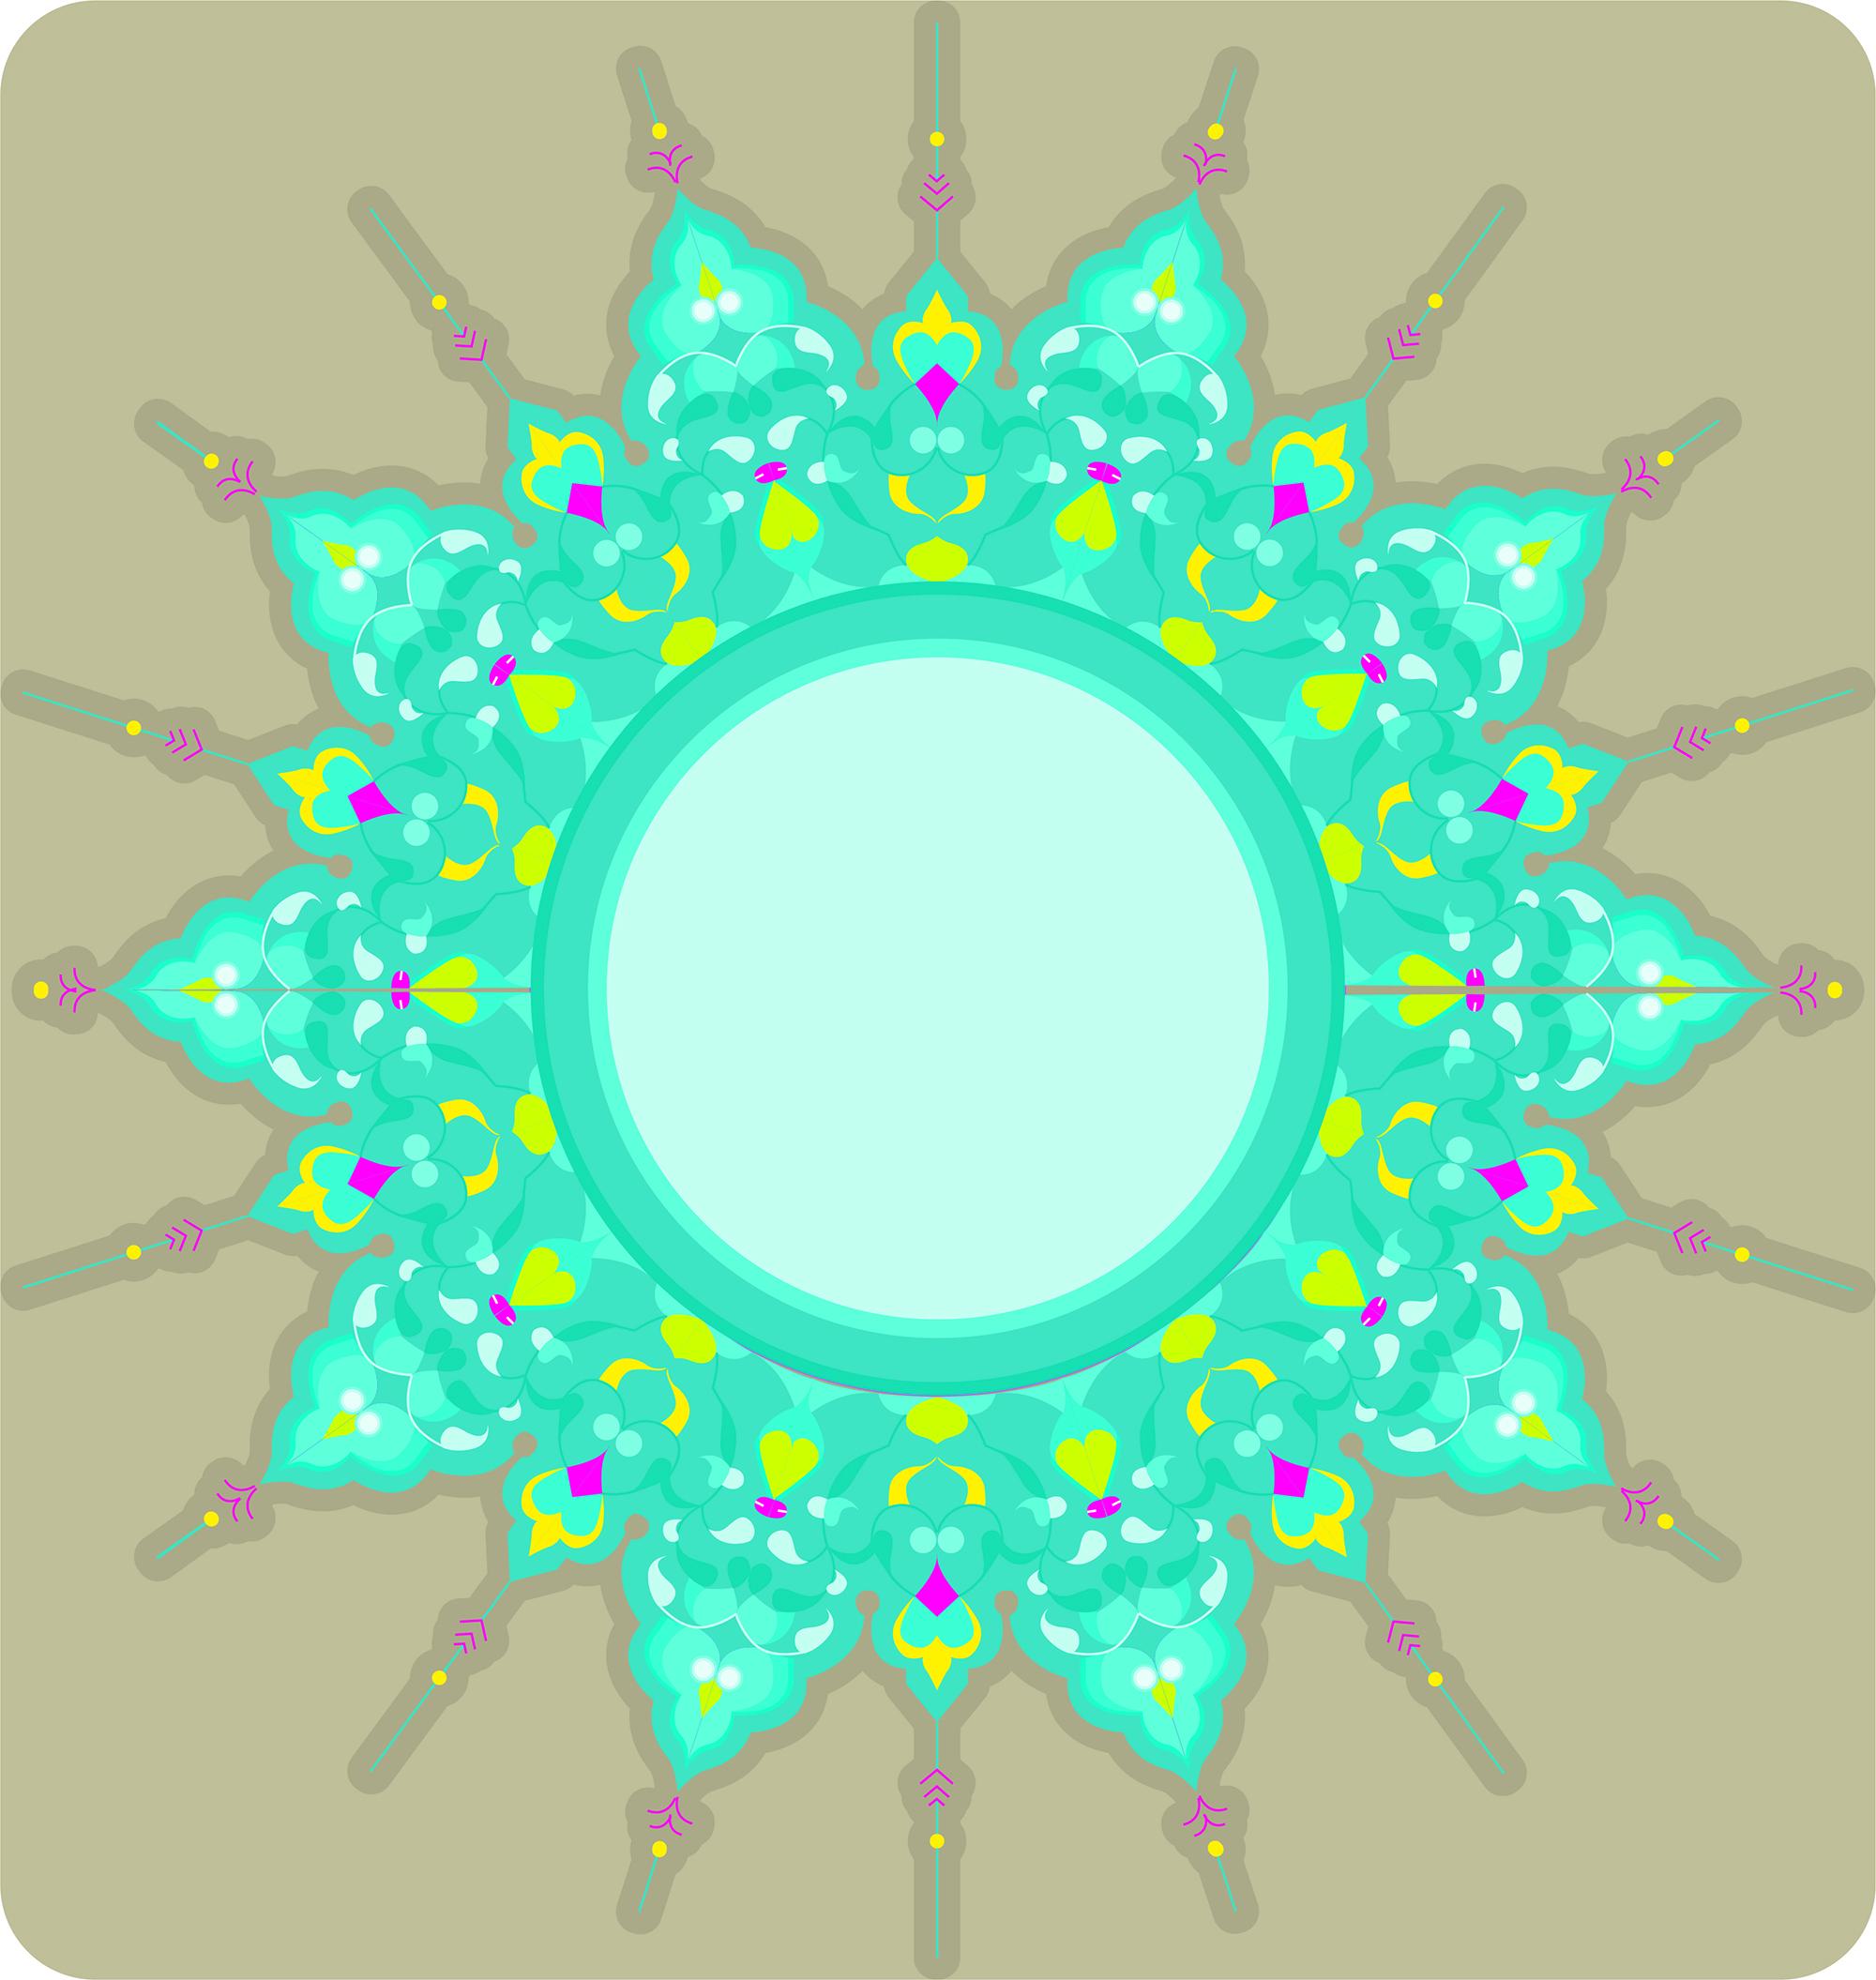 Ornament mushaf vector design